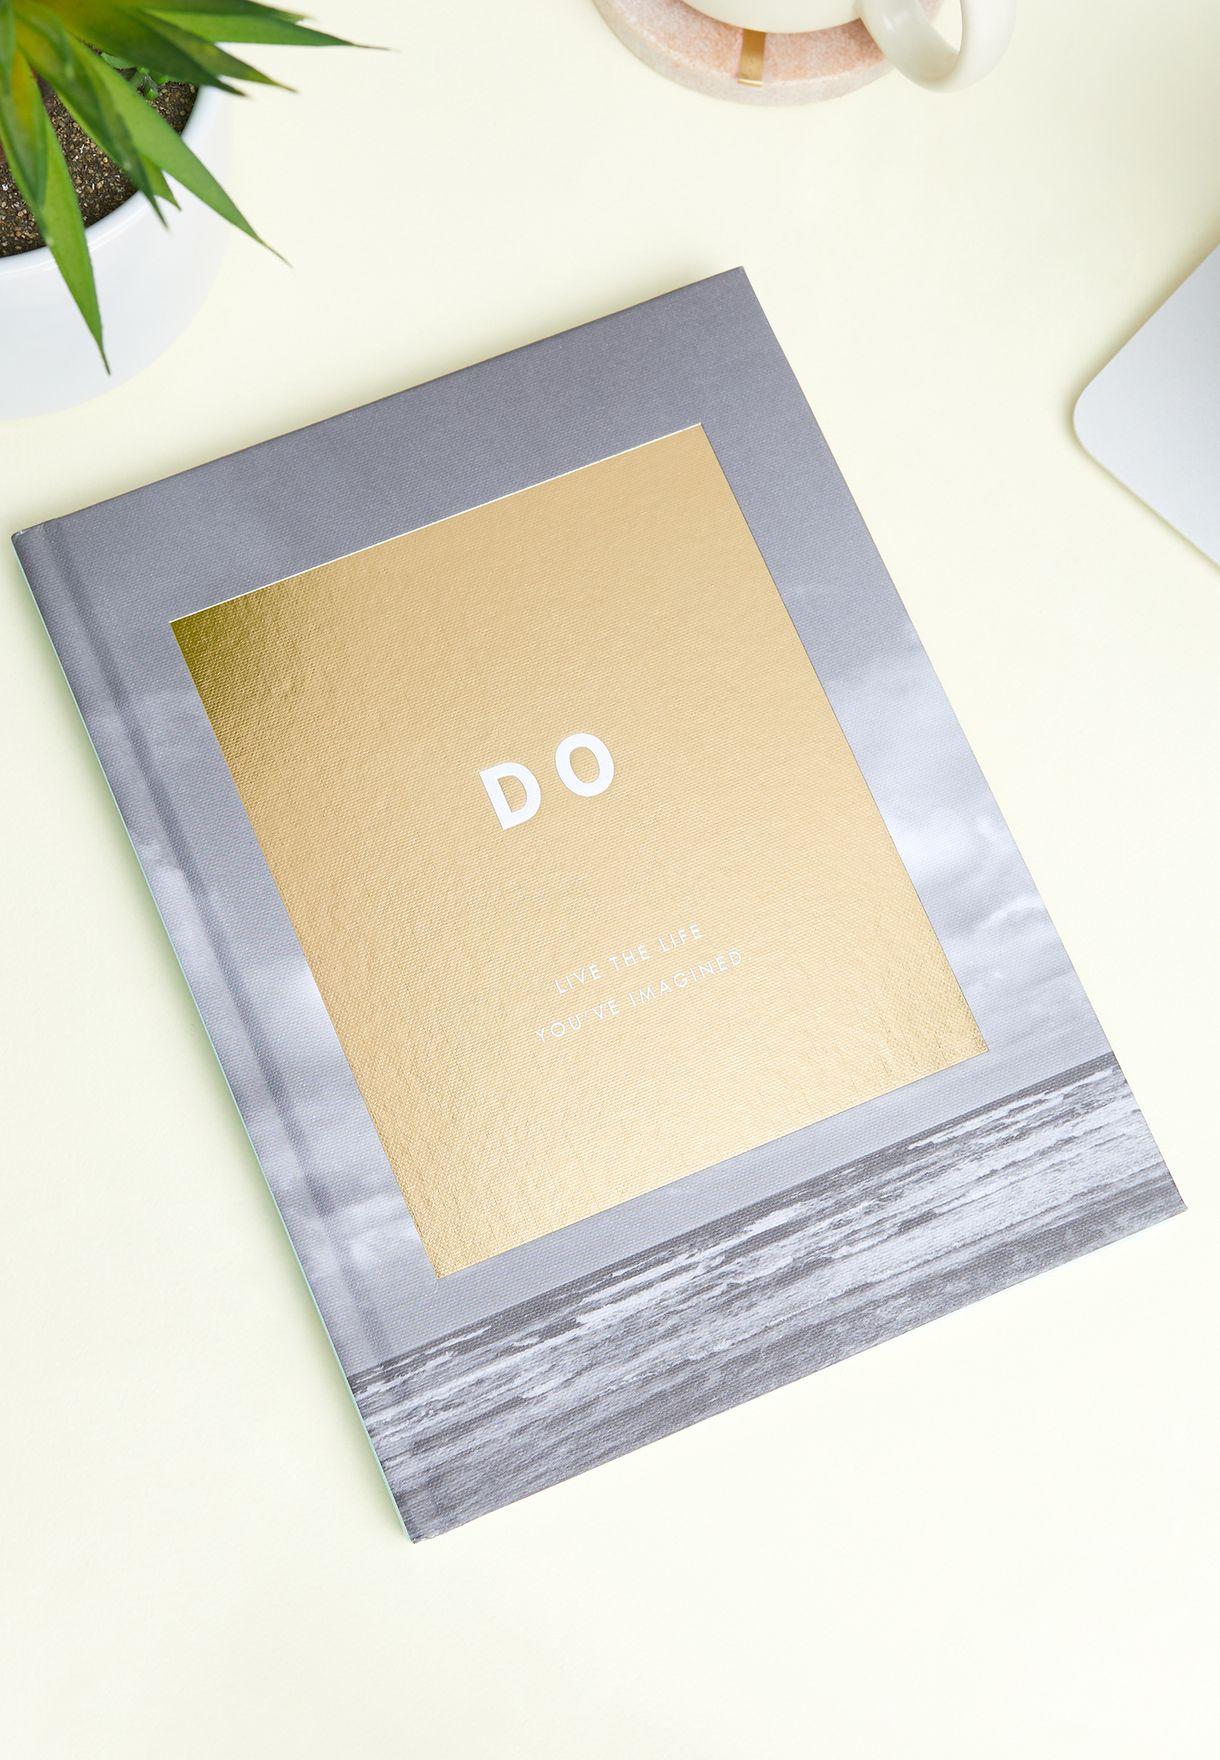 Do Book Inspiration